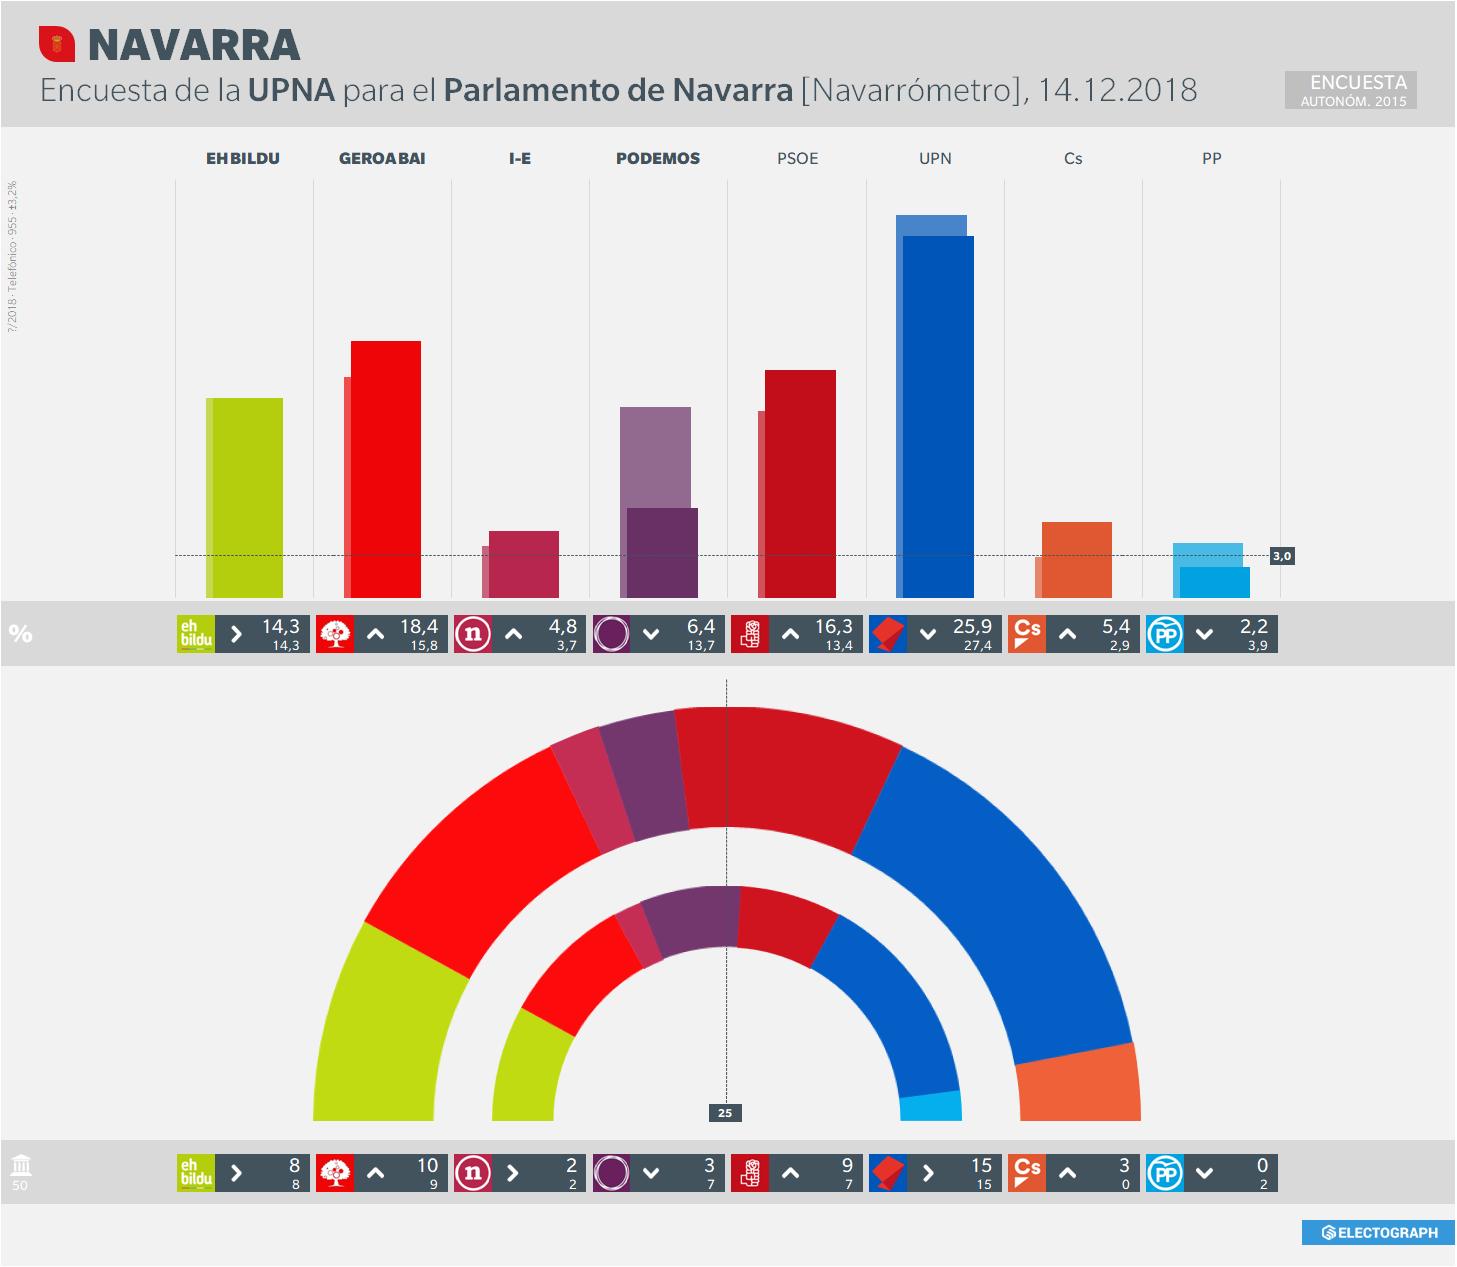 Gráfico de la encuesta para elecciones autonómicas en Navarra realizada por la UPNA para el Parlamento de Navarra (Navarrómetro) en 2018